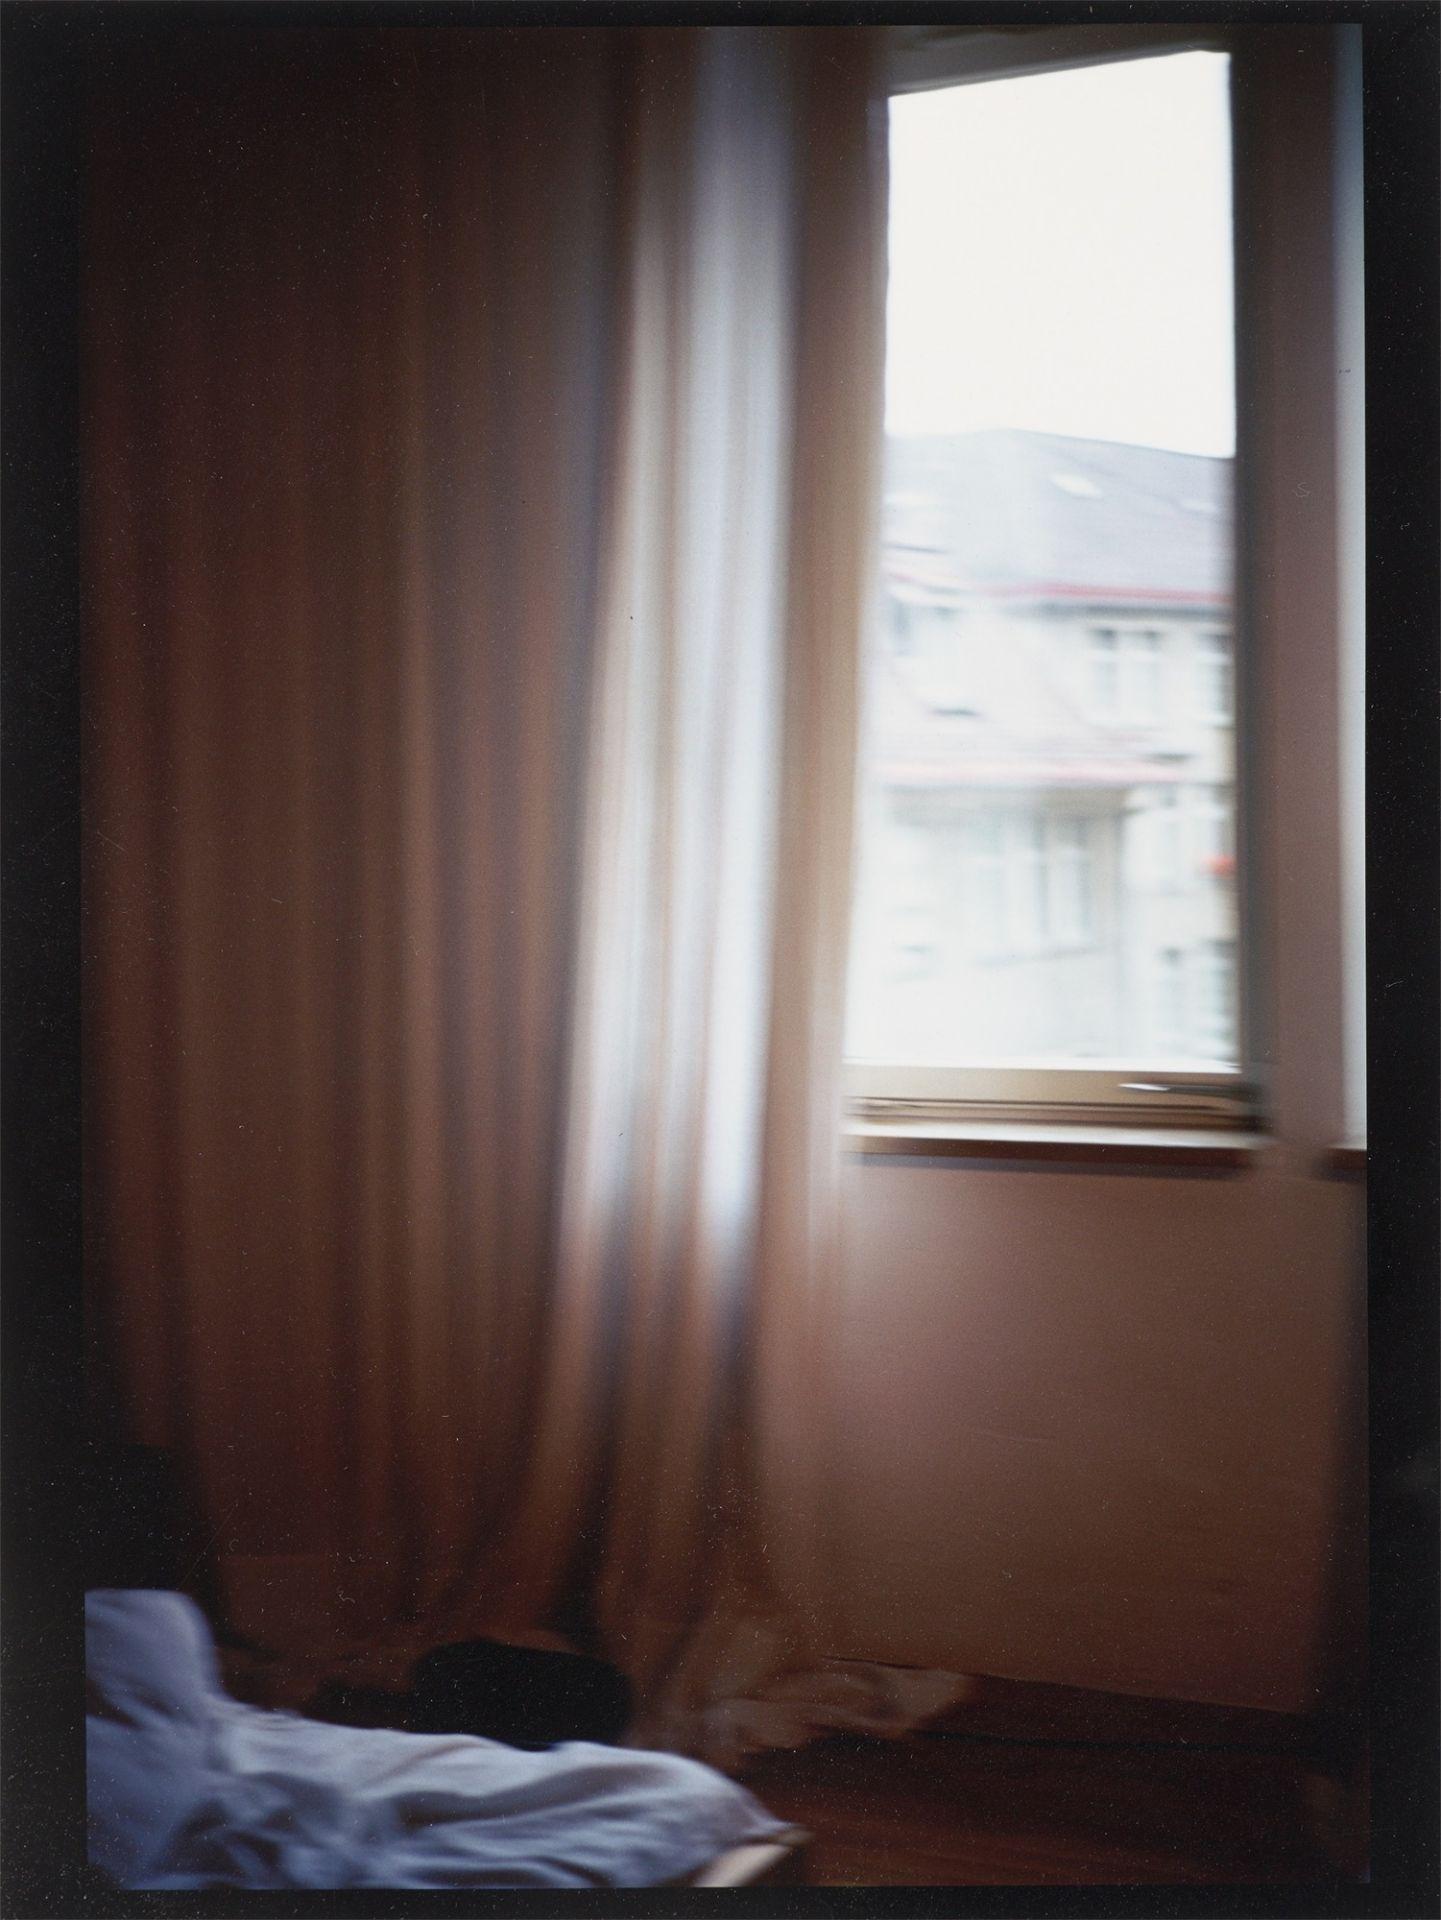 Nan Goldin (Washington D.C. 1953 – lebt in New York und Paris) - Bild 3 aus 14